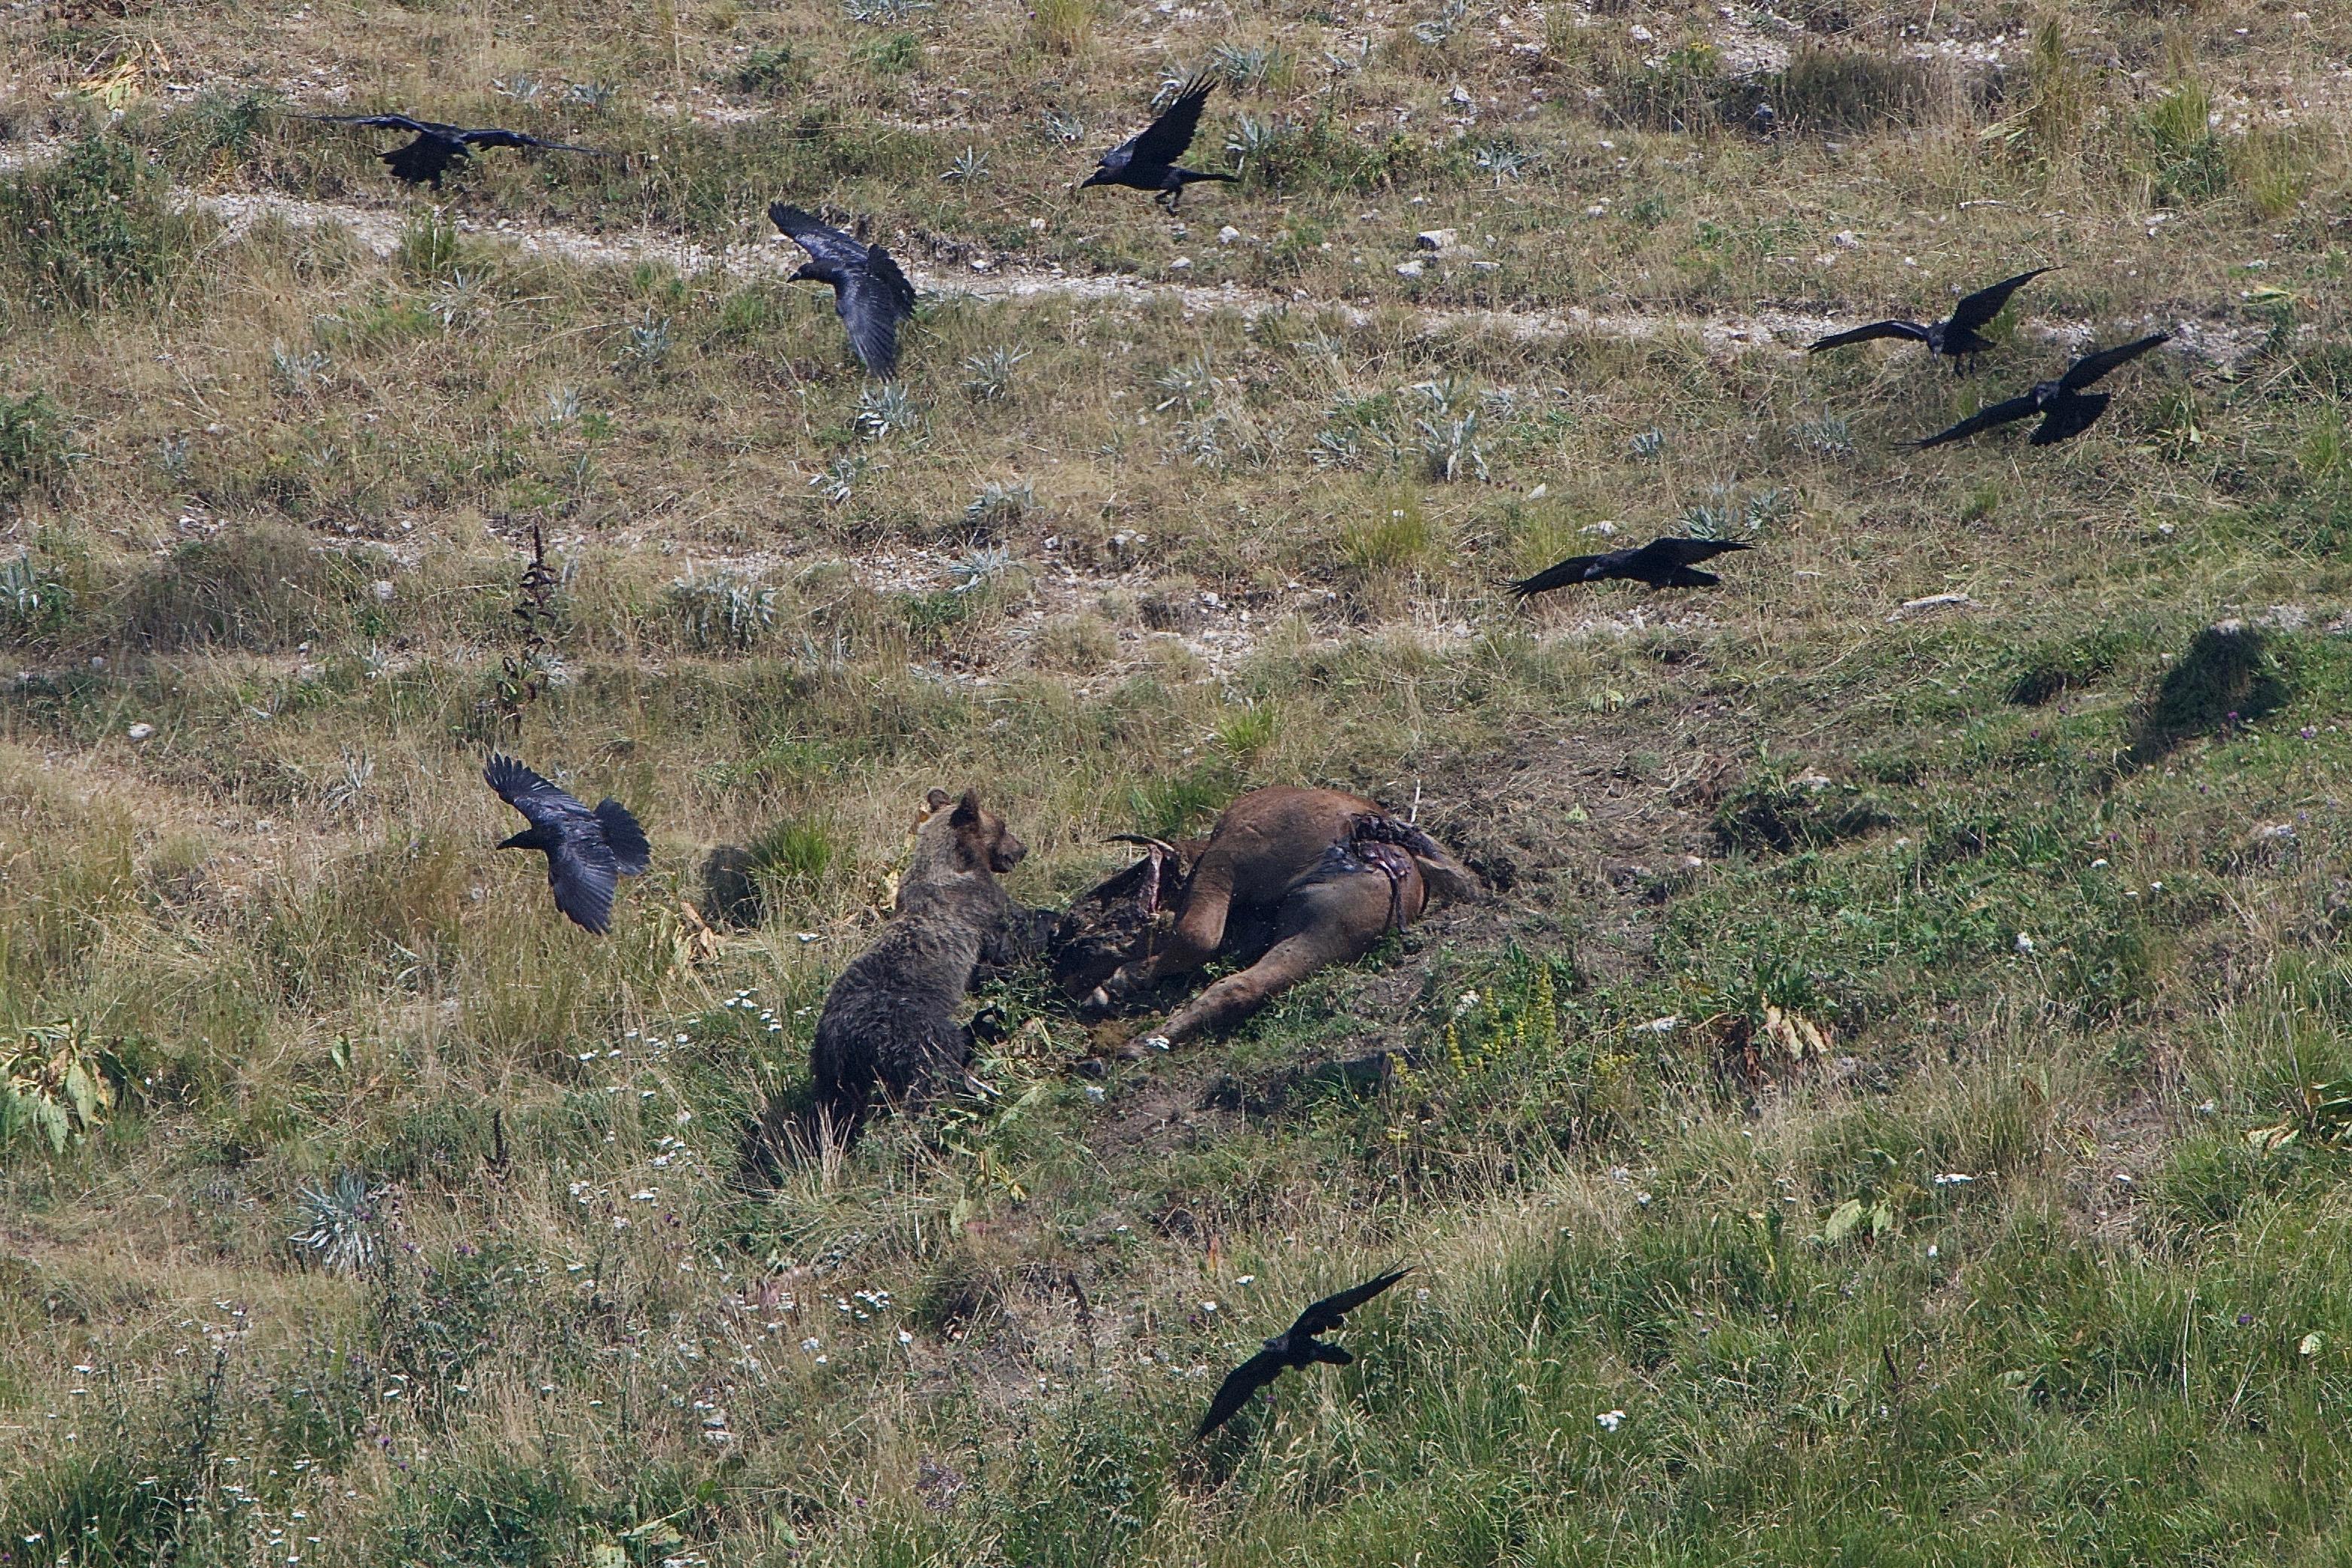 2) L'orso viene disturbato nel sonno dall'avvento dei gracchi e di ben trentaquattro grifoni che si avvicinano minacciosamente al cavallo, causando il risveglio dell'orso che si avvicinerà minacciosamente alla sua preda. Foto di Gianpiero Cutolo